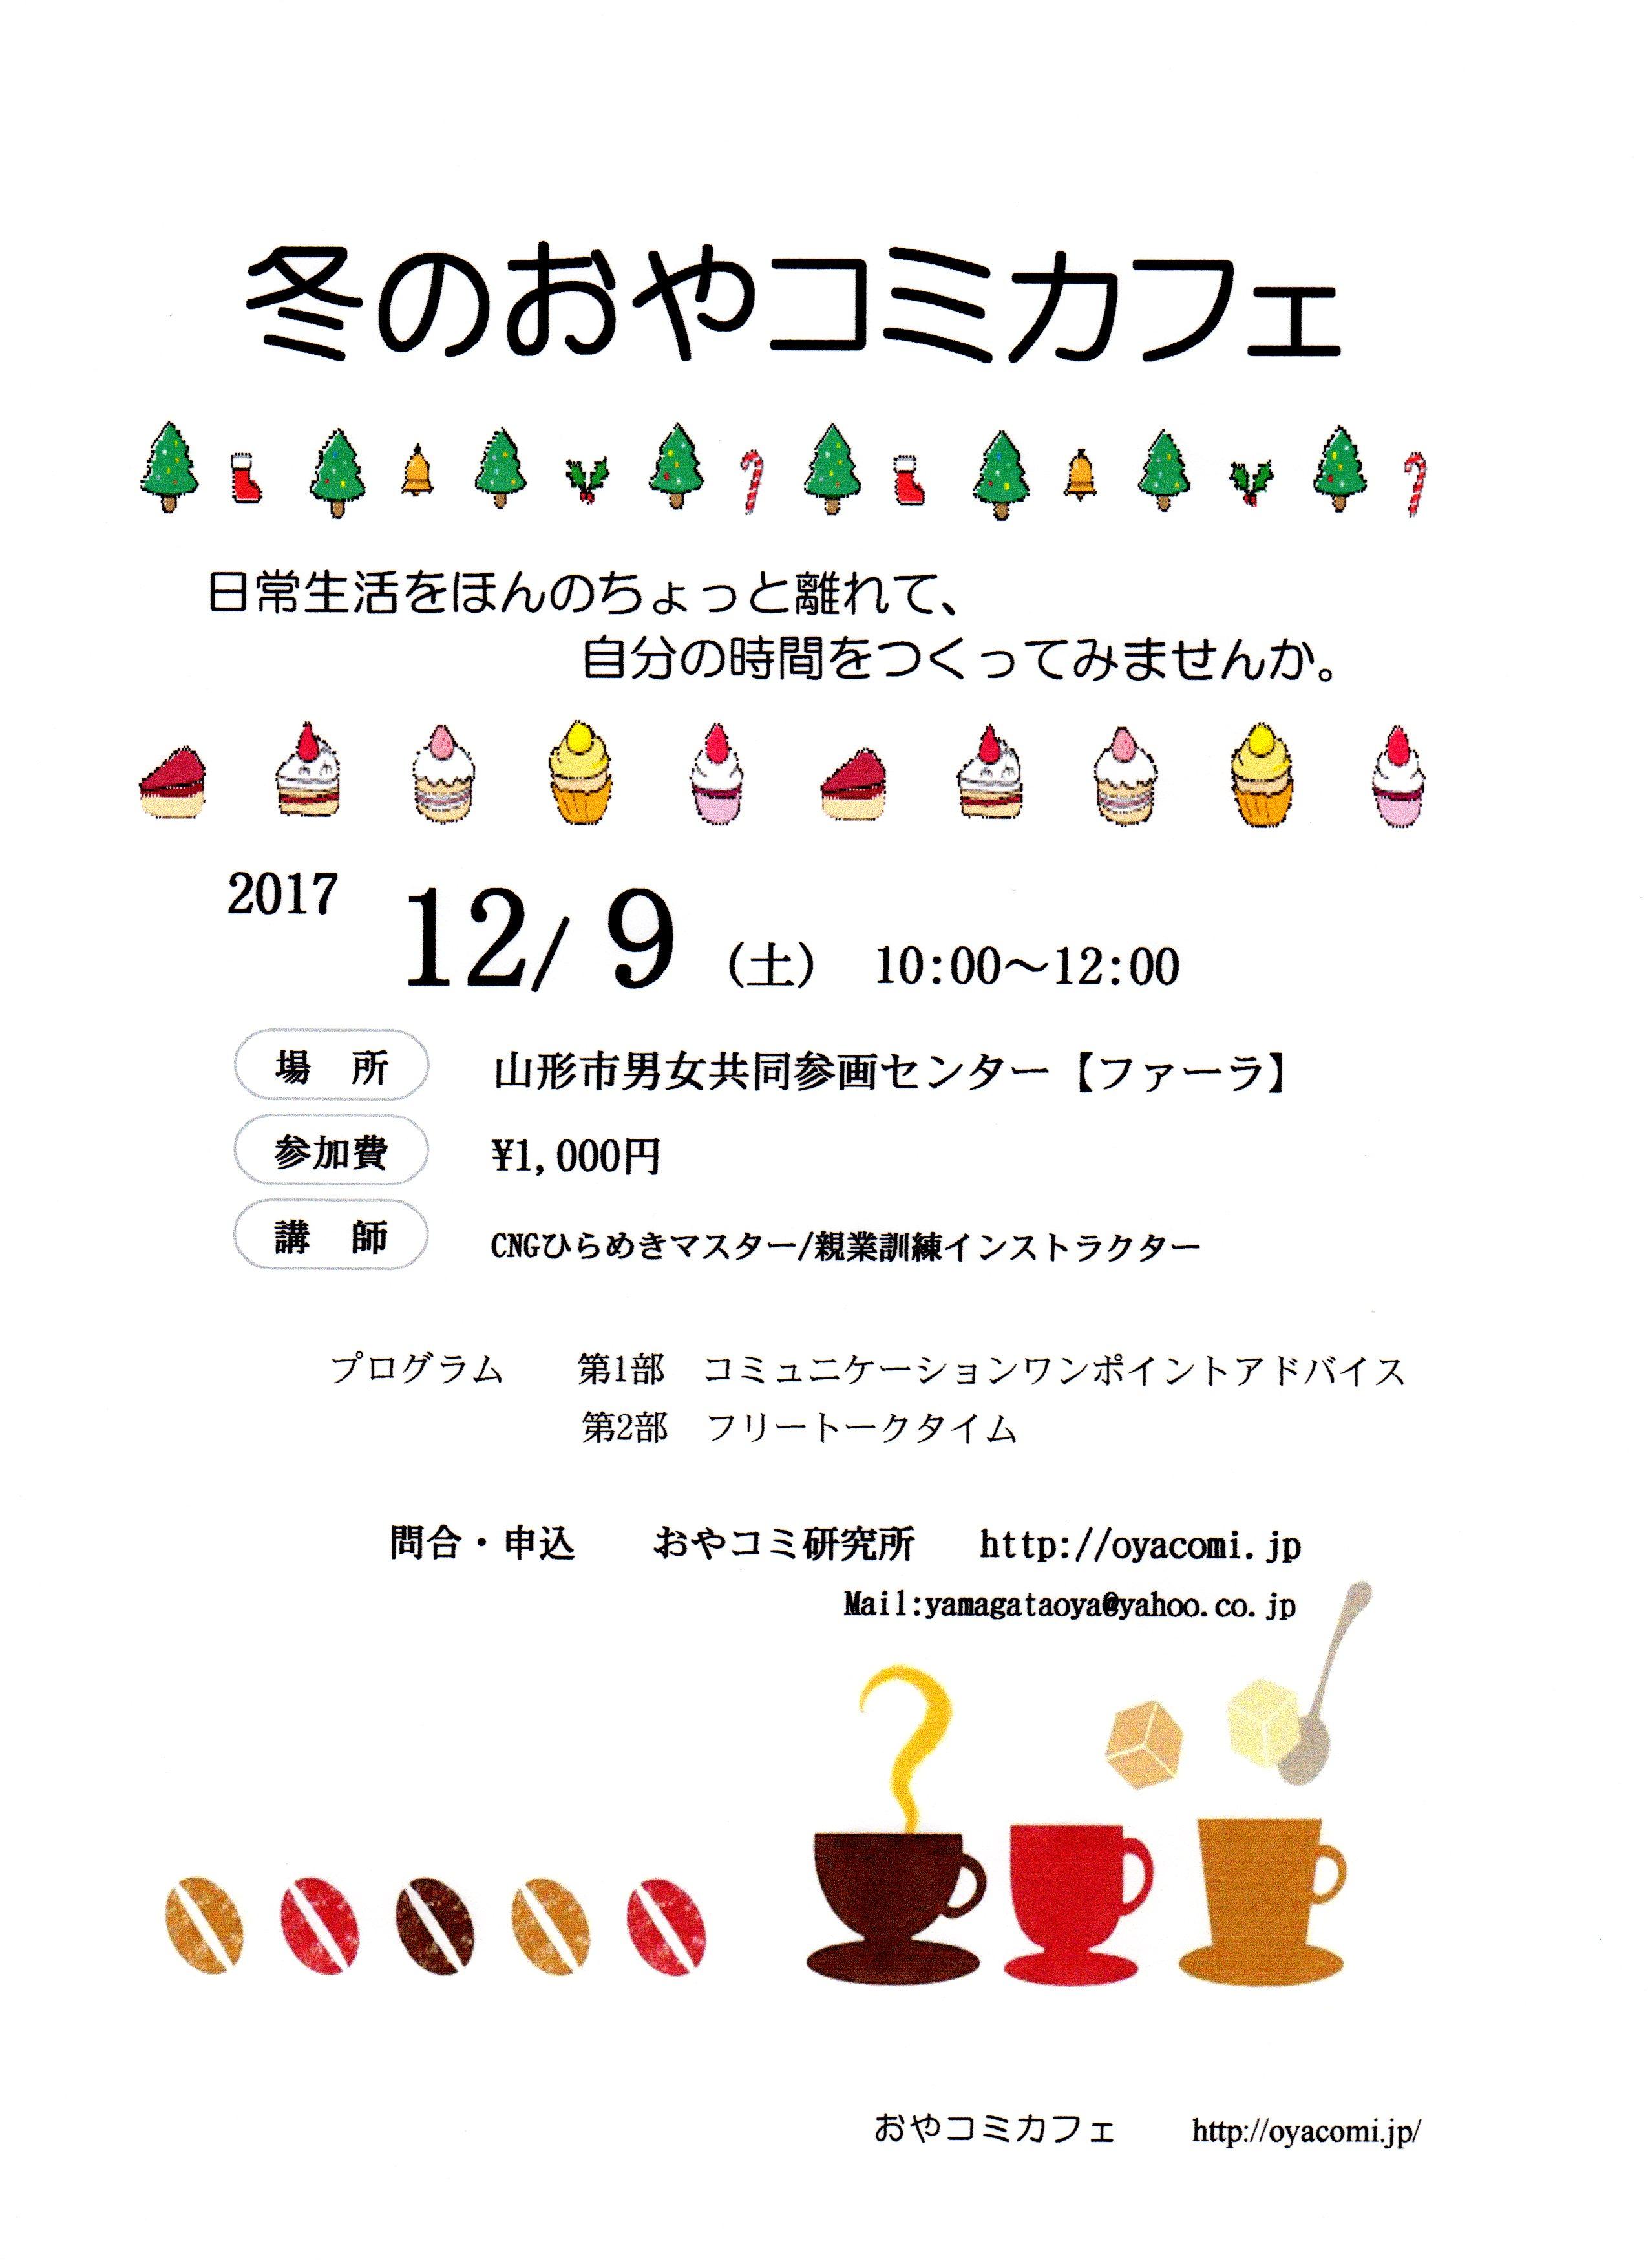 【ご案内】冬のおやコミカフェ:画像